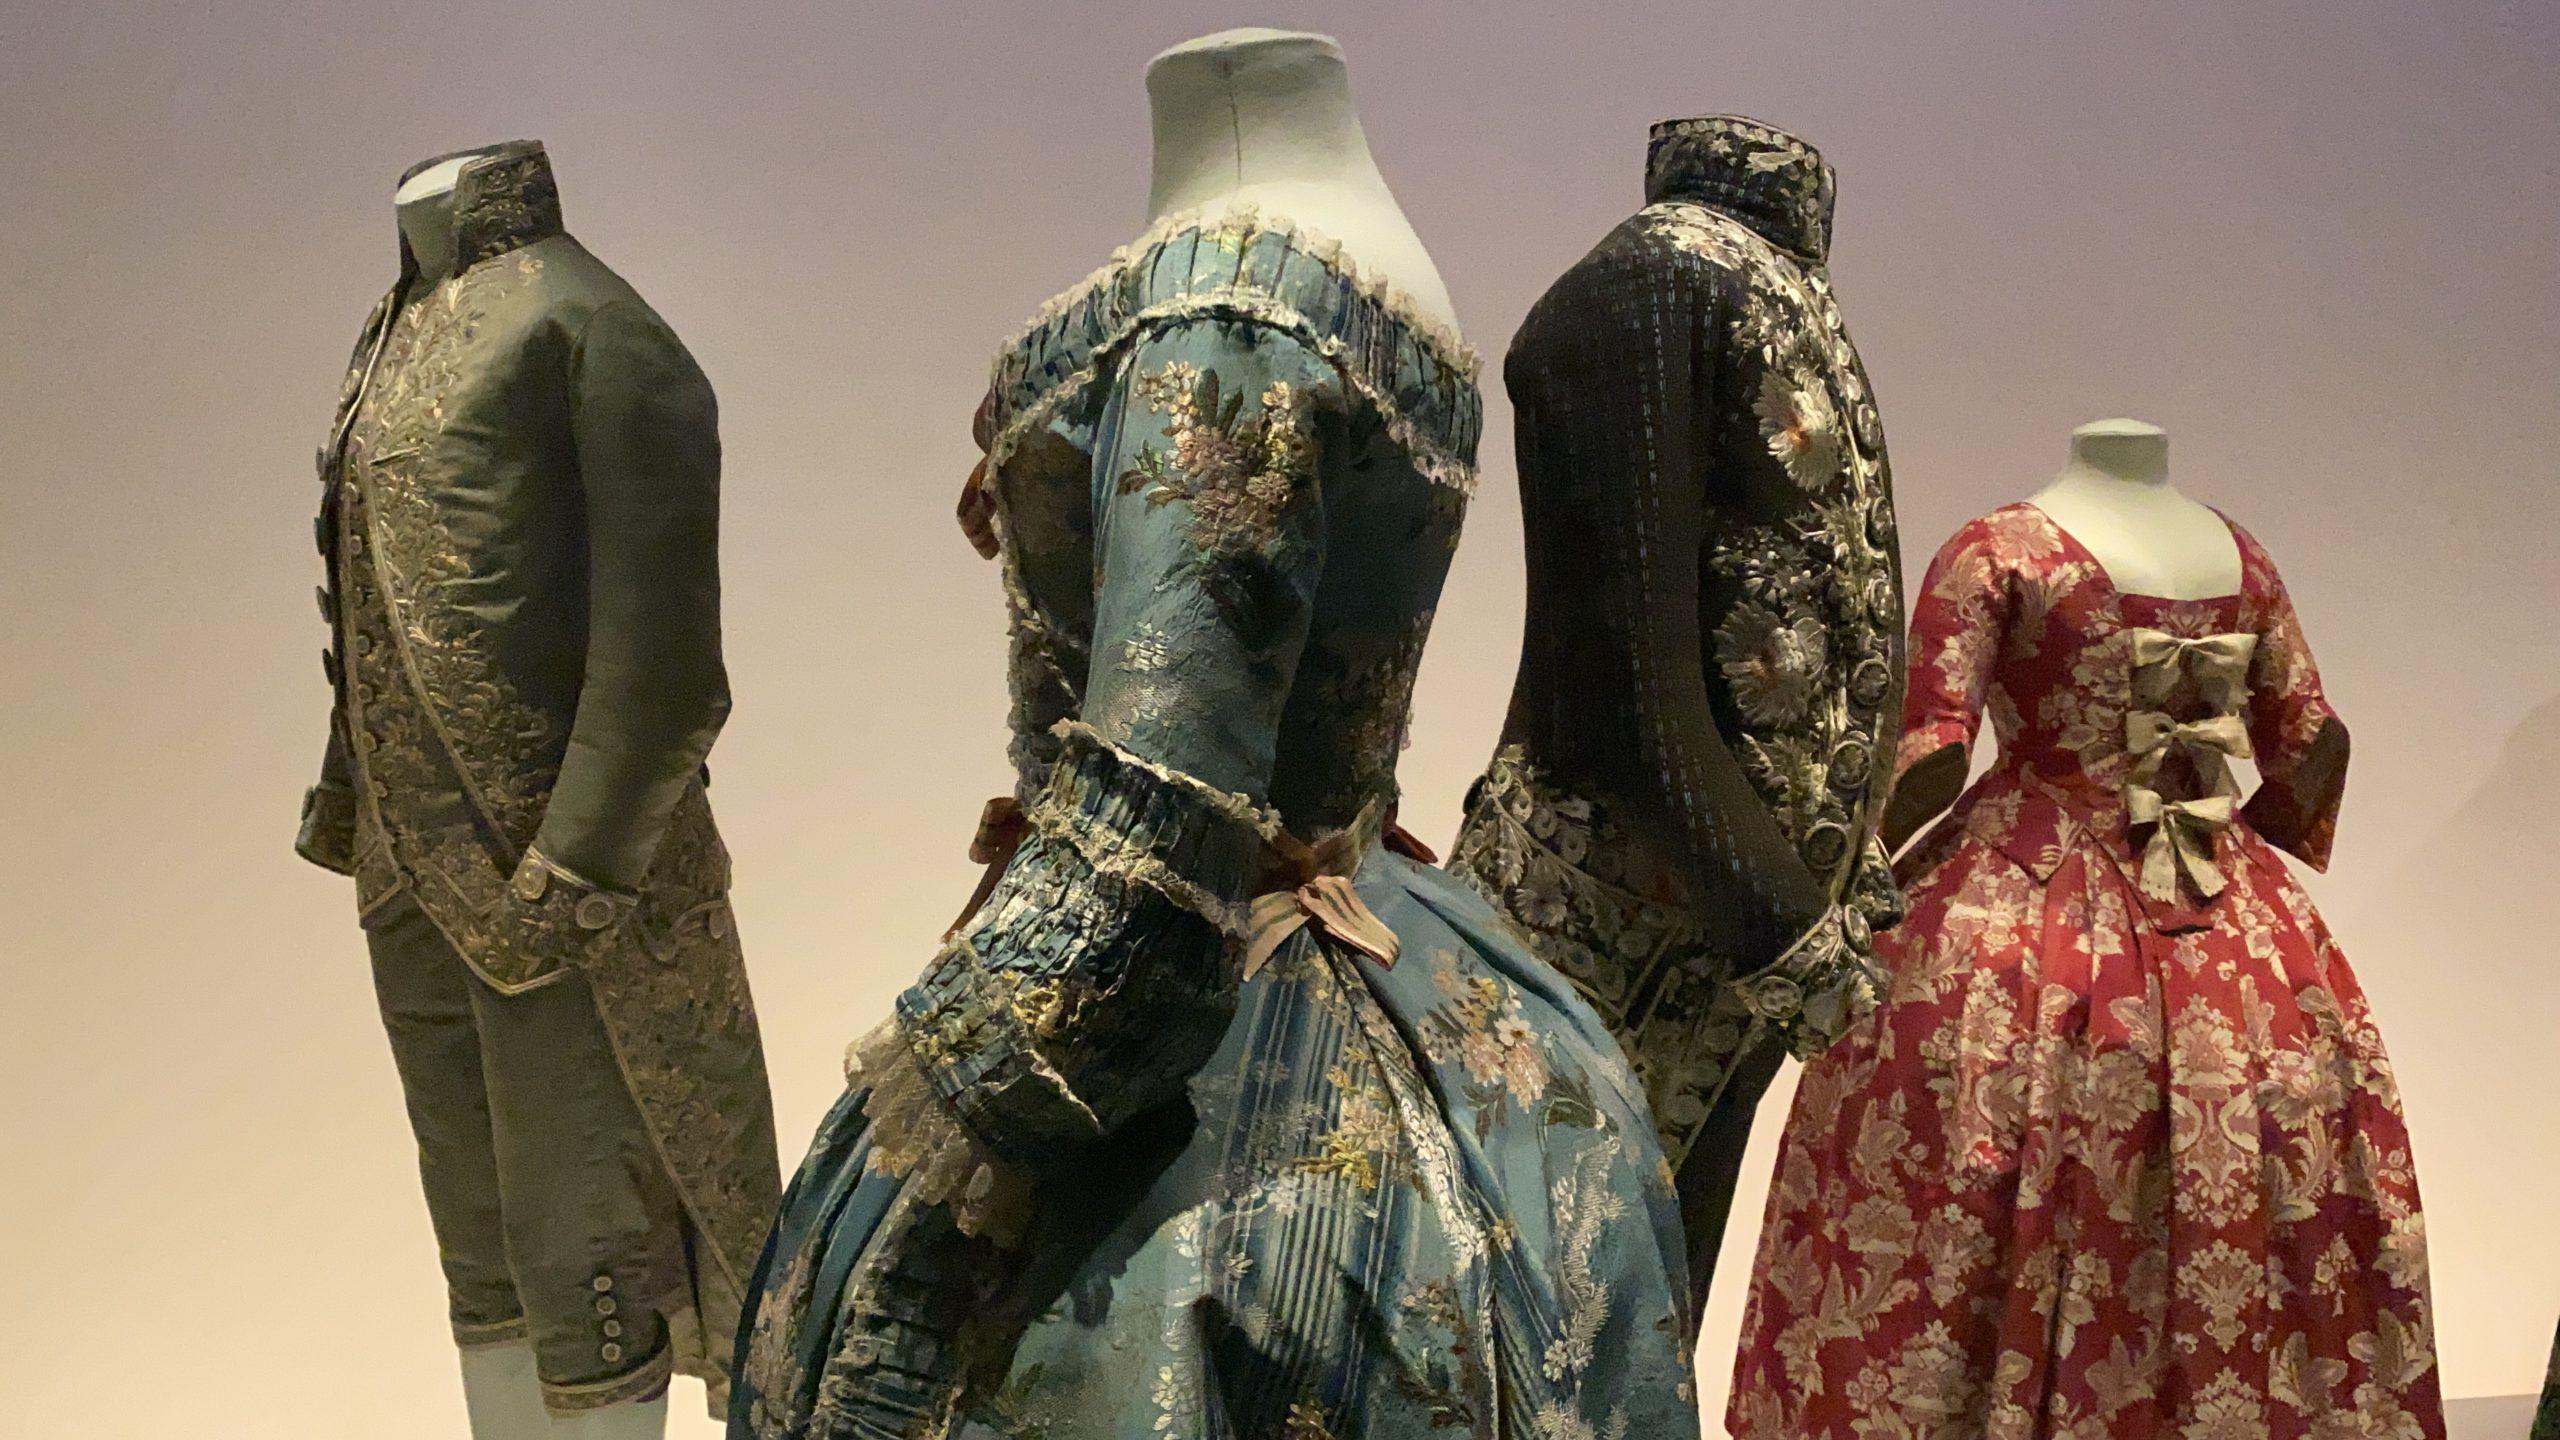 Se utilizan estructuras en el interior del vestido para darle volumen al mismo.   Fuente: Rubén Navarro